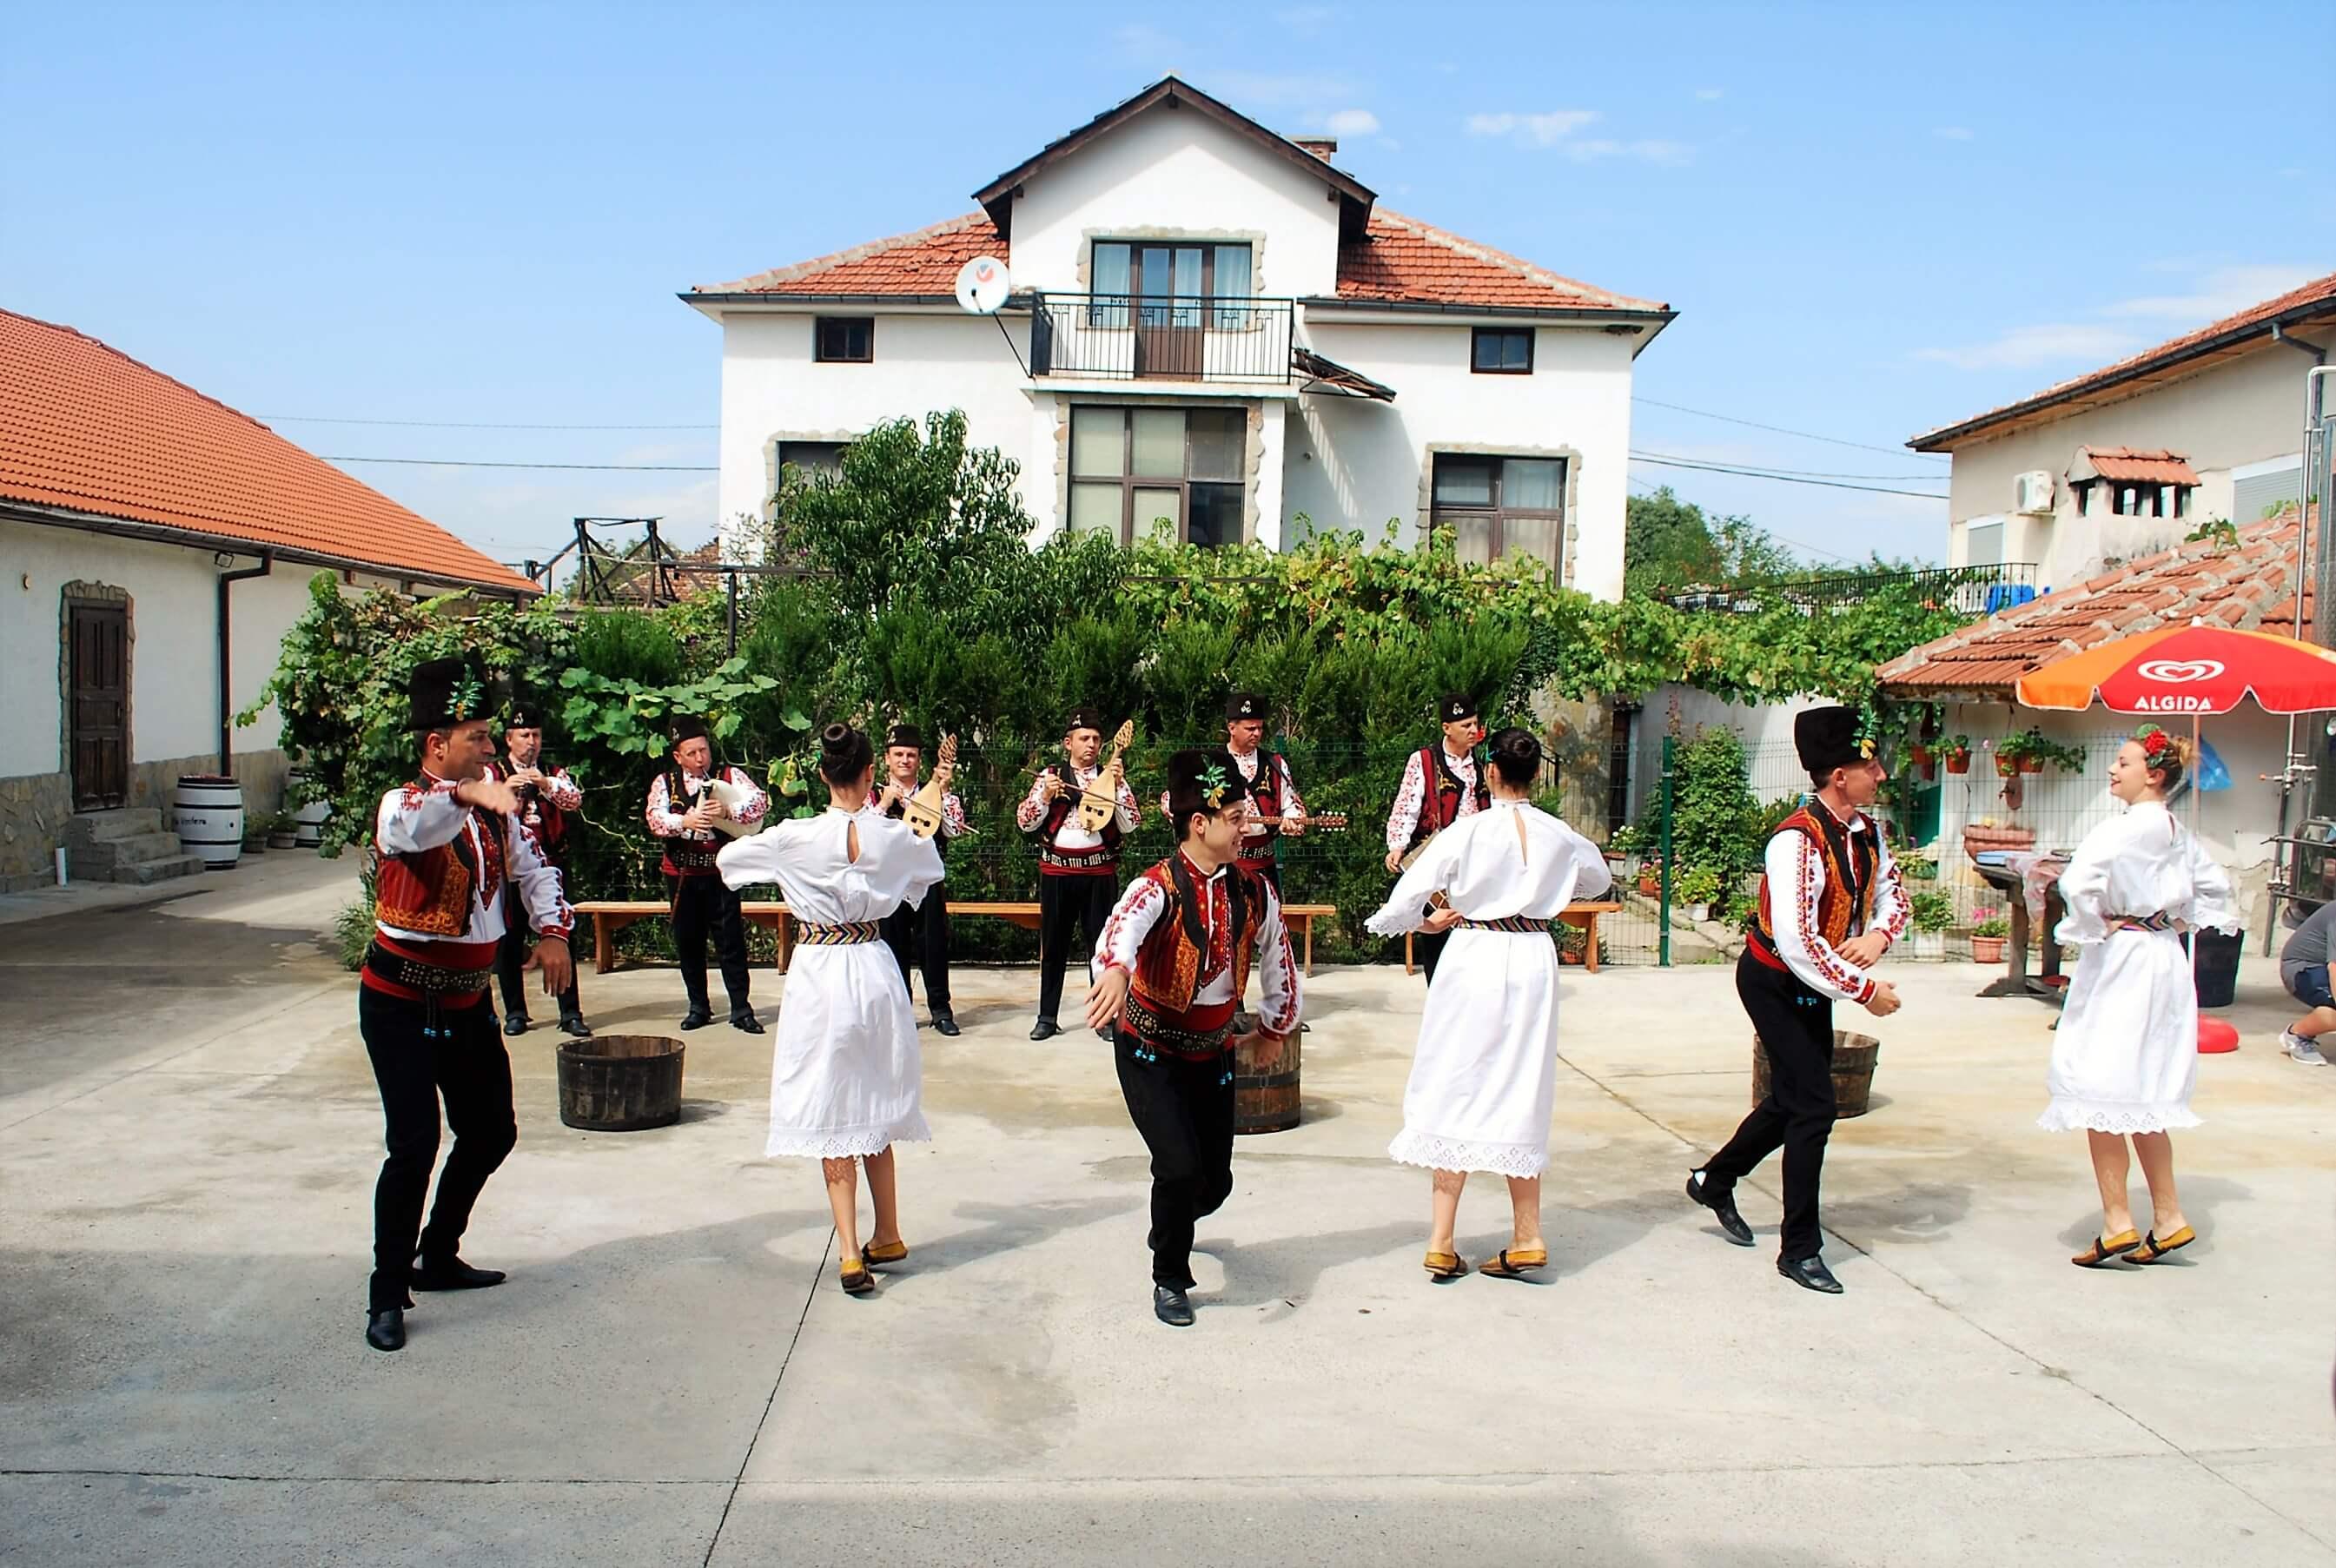 Folklore Dancing